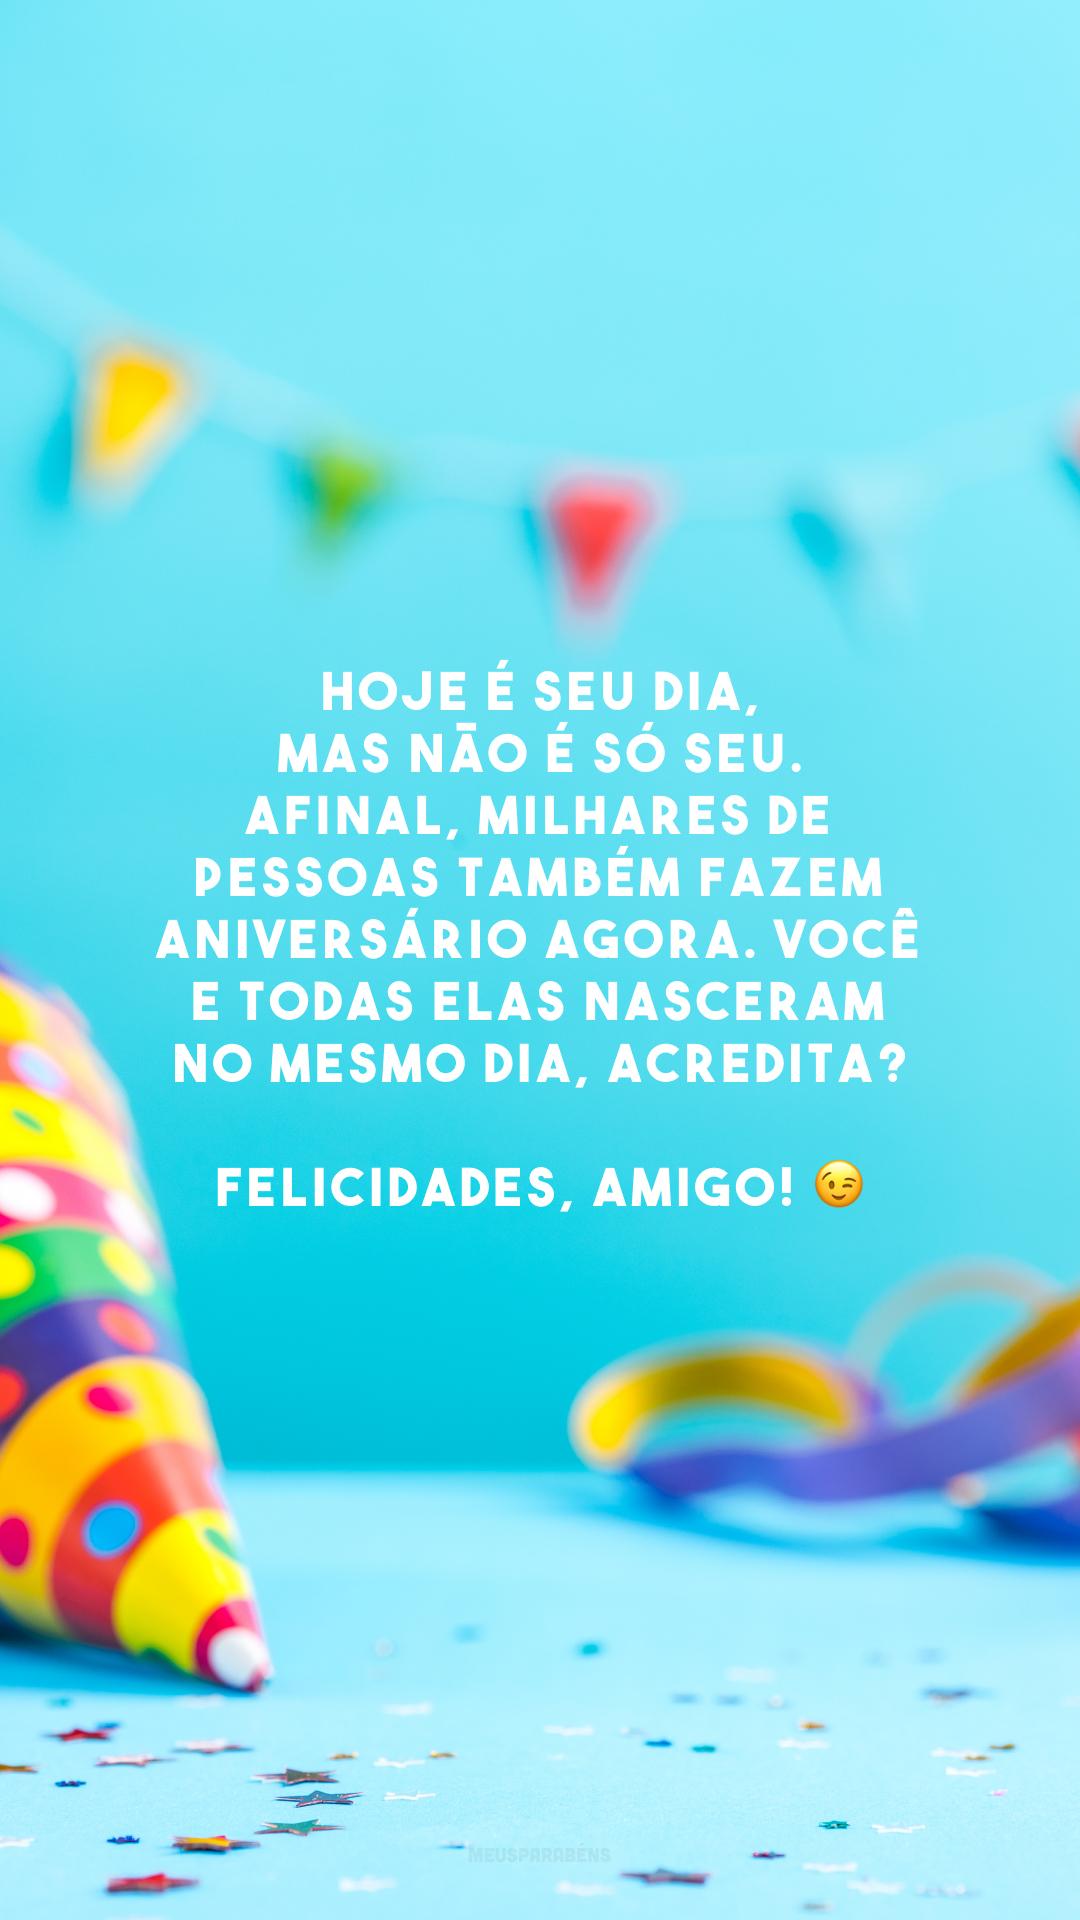 Hoje é seu dia, mas não é só seu. Afinal, milhares de pessoas também fazem aniversário agora. Você e todas elas nasceram no mesmo dia, acredita?Felicidades, amigo! 😉